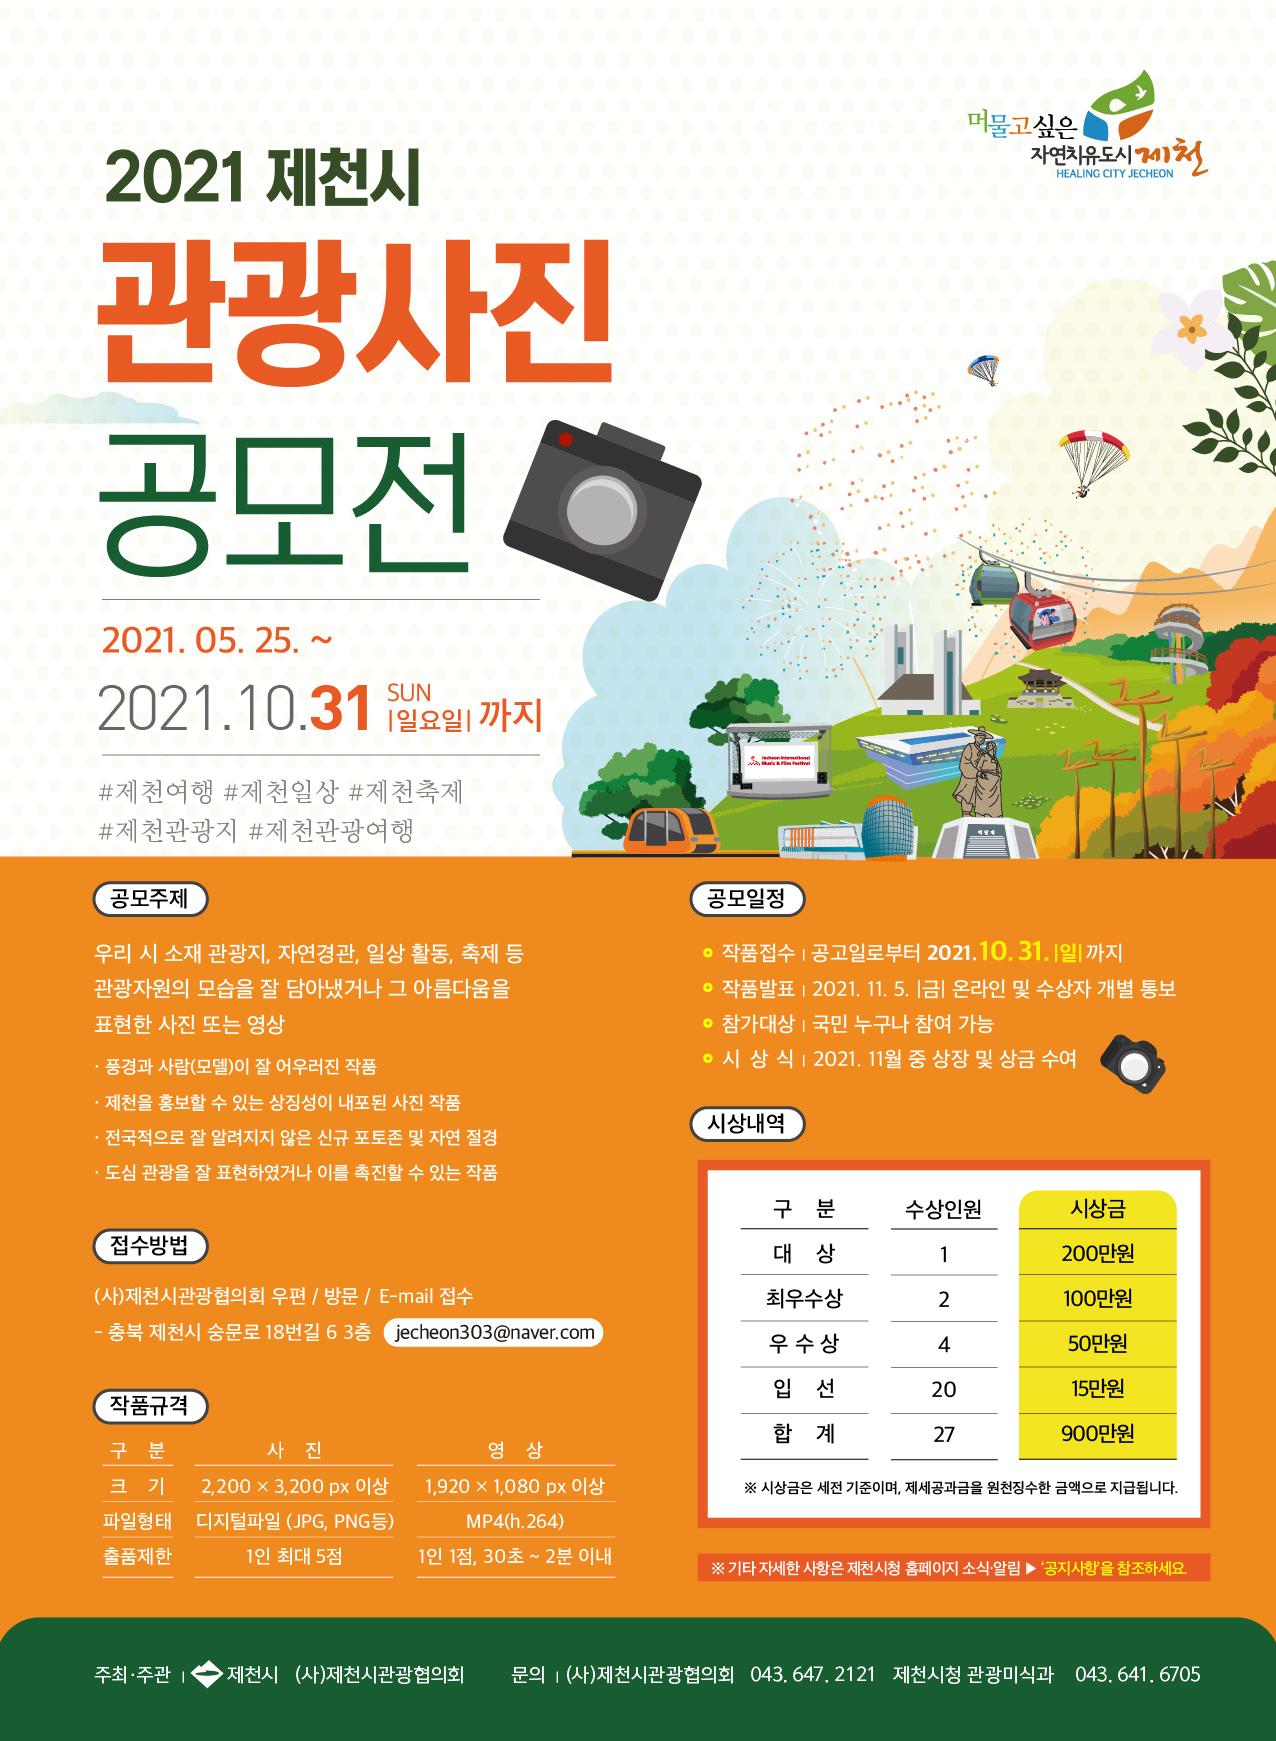 2021 제천시 관광사진 공모전 공고